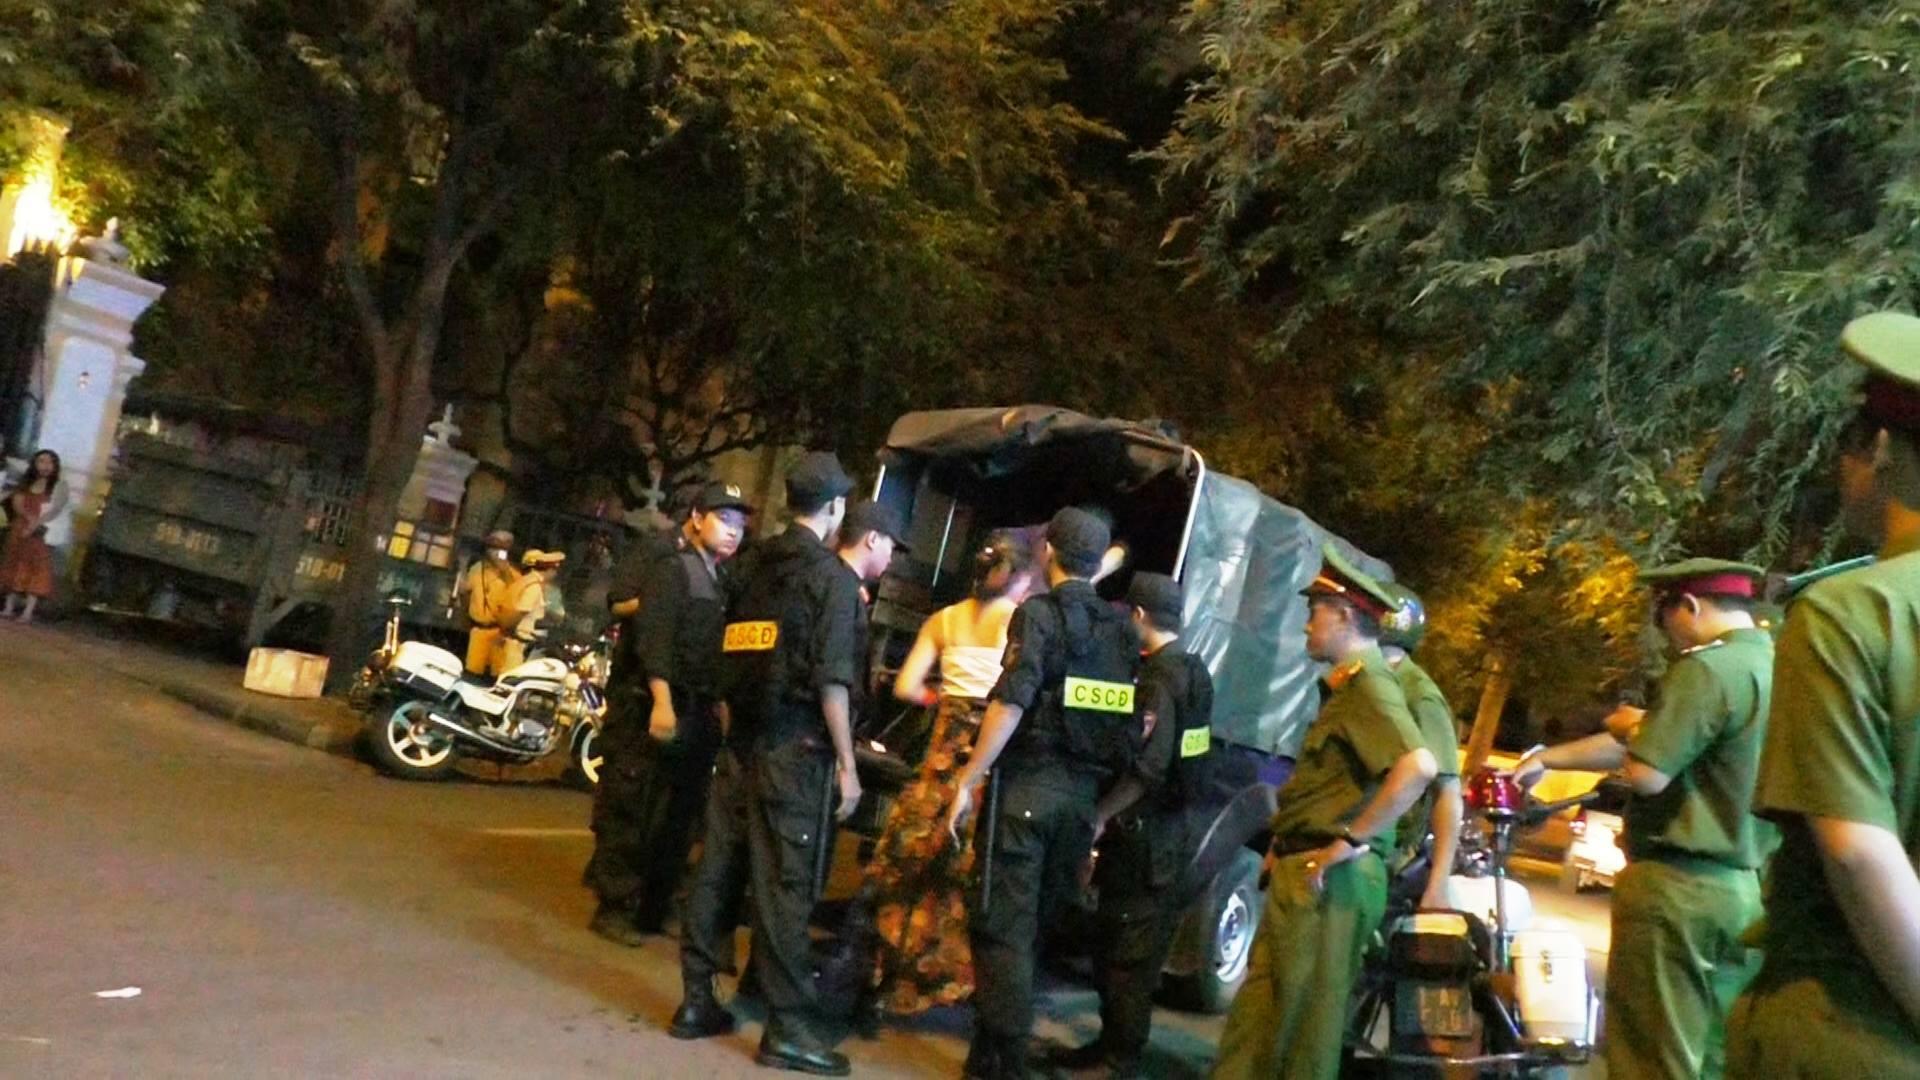 Đột kích 3 quán bar nổi tiếng ở trung tâm Sài Gòn, phát hiện nhiều dân chơi nghi sử dụng ma tuý - Ảnh 7.